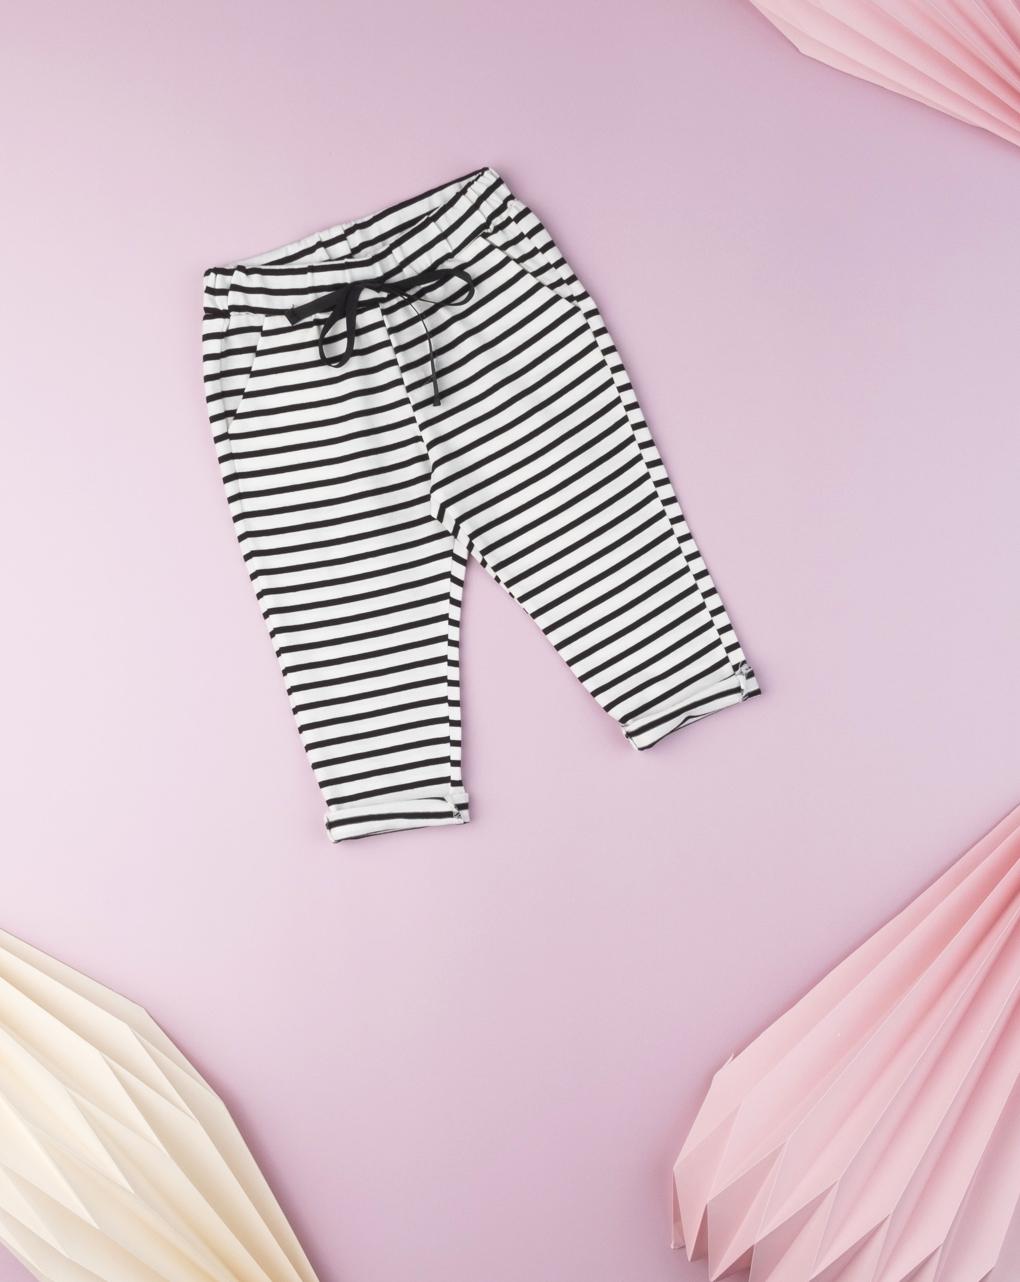 Pantalone jersey rigato baby girl - Prénatal